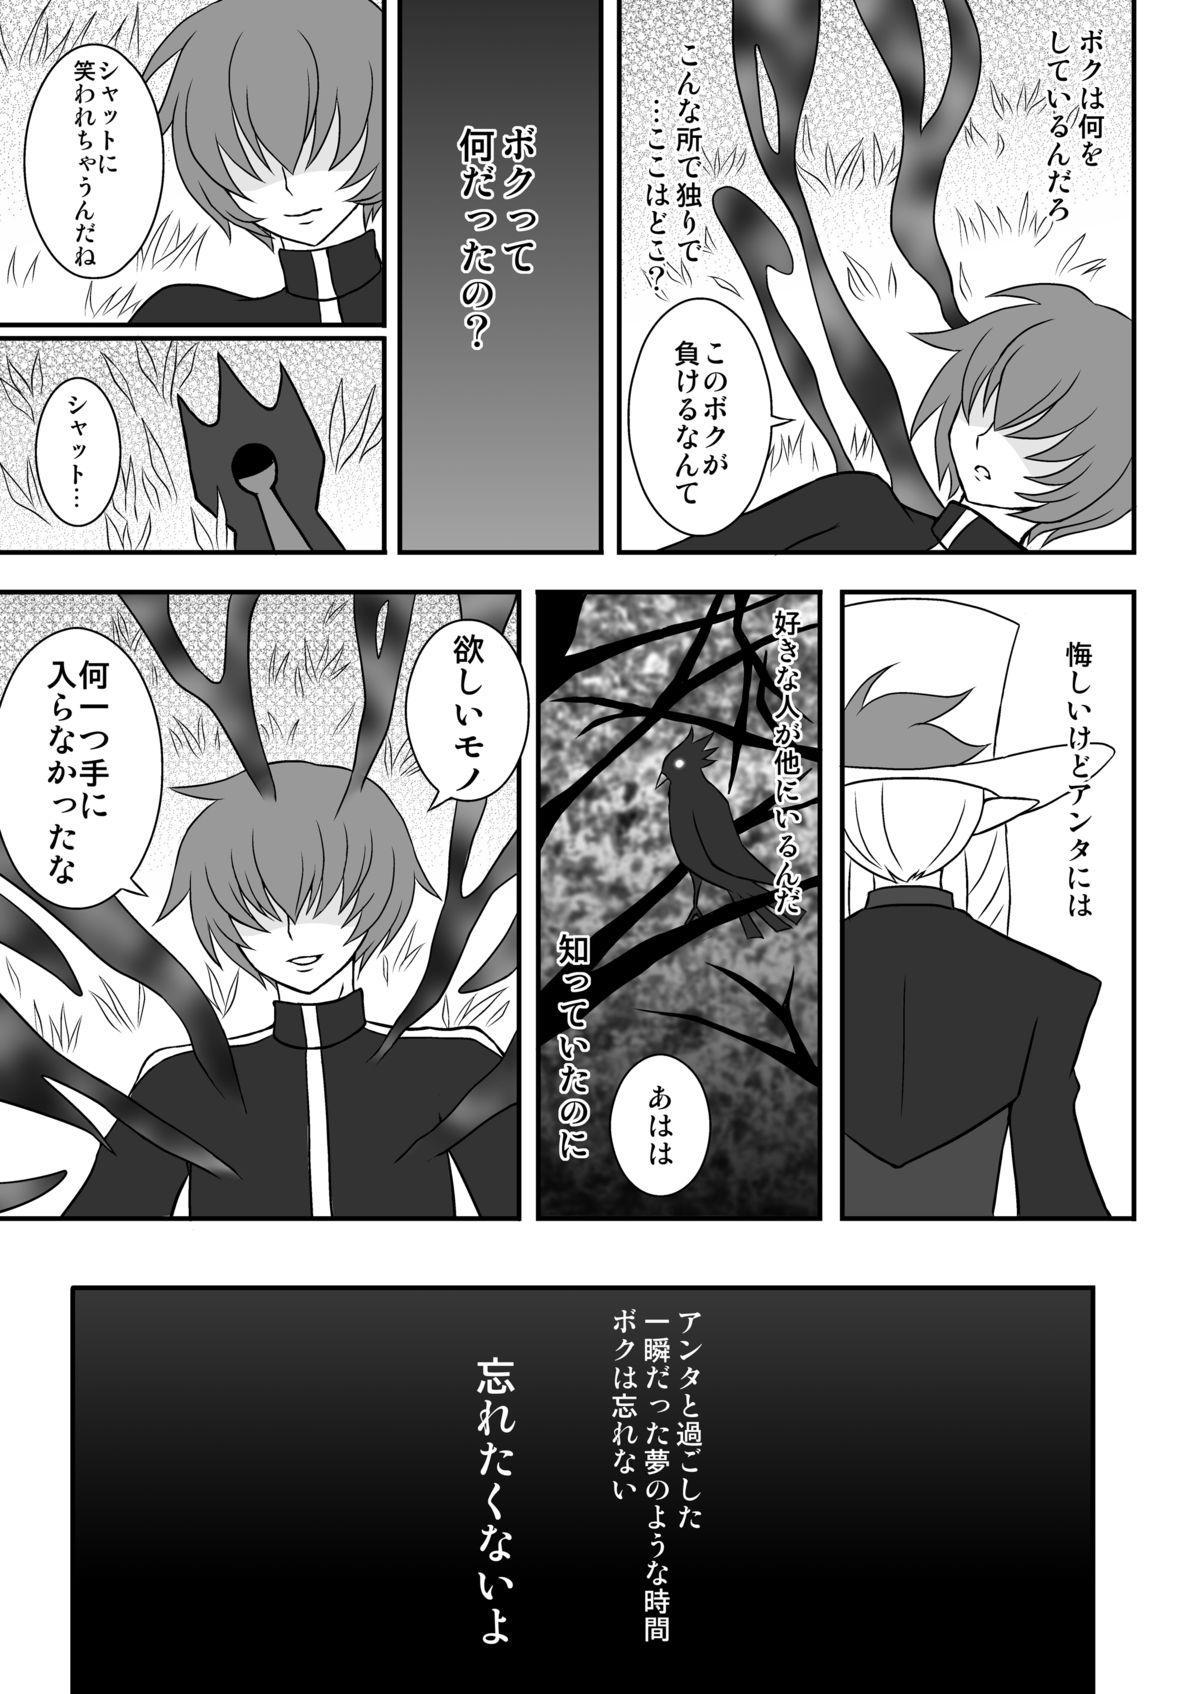 Shut Onee-chan Hitorijime 20